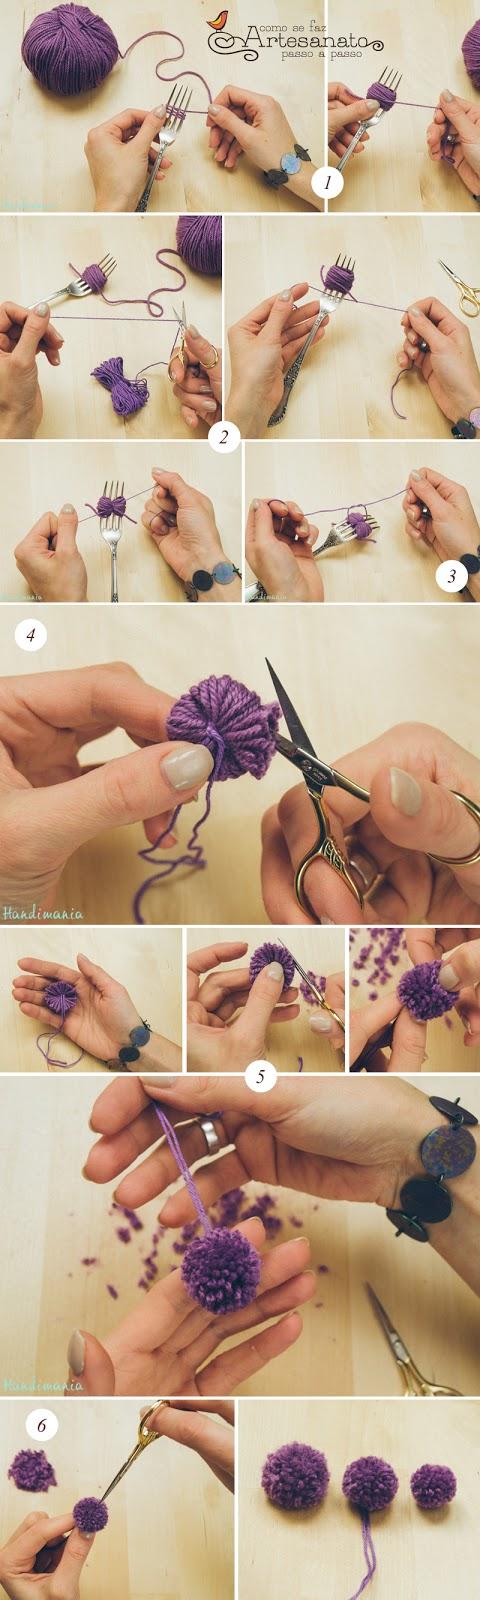 explicação passo a passo de como fazer um pompom com um garfo